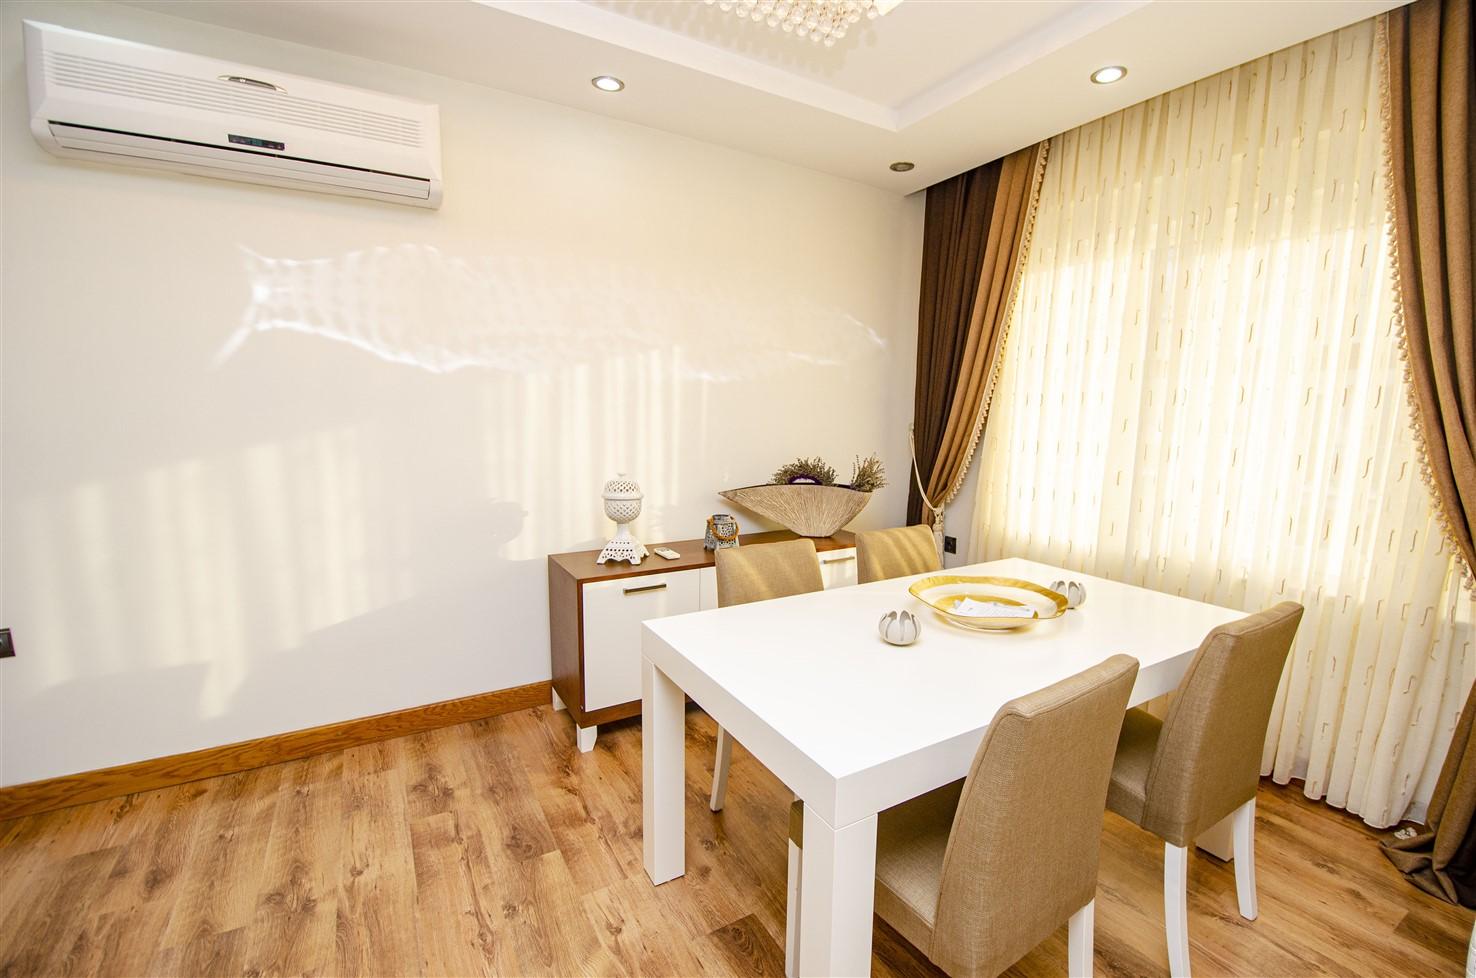 Квартира 3+1 с мебелью в 5 минутах от моря - Фото 29